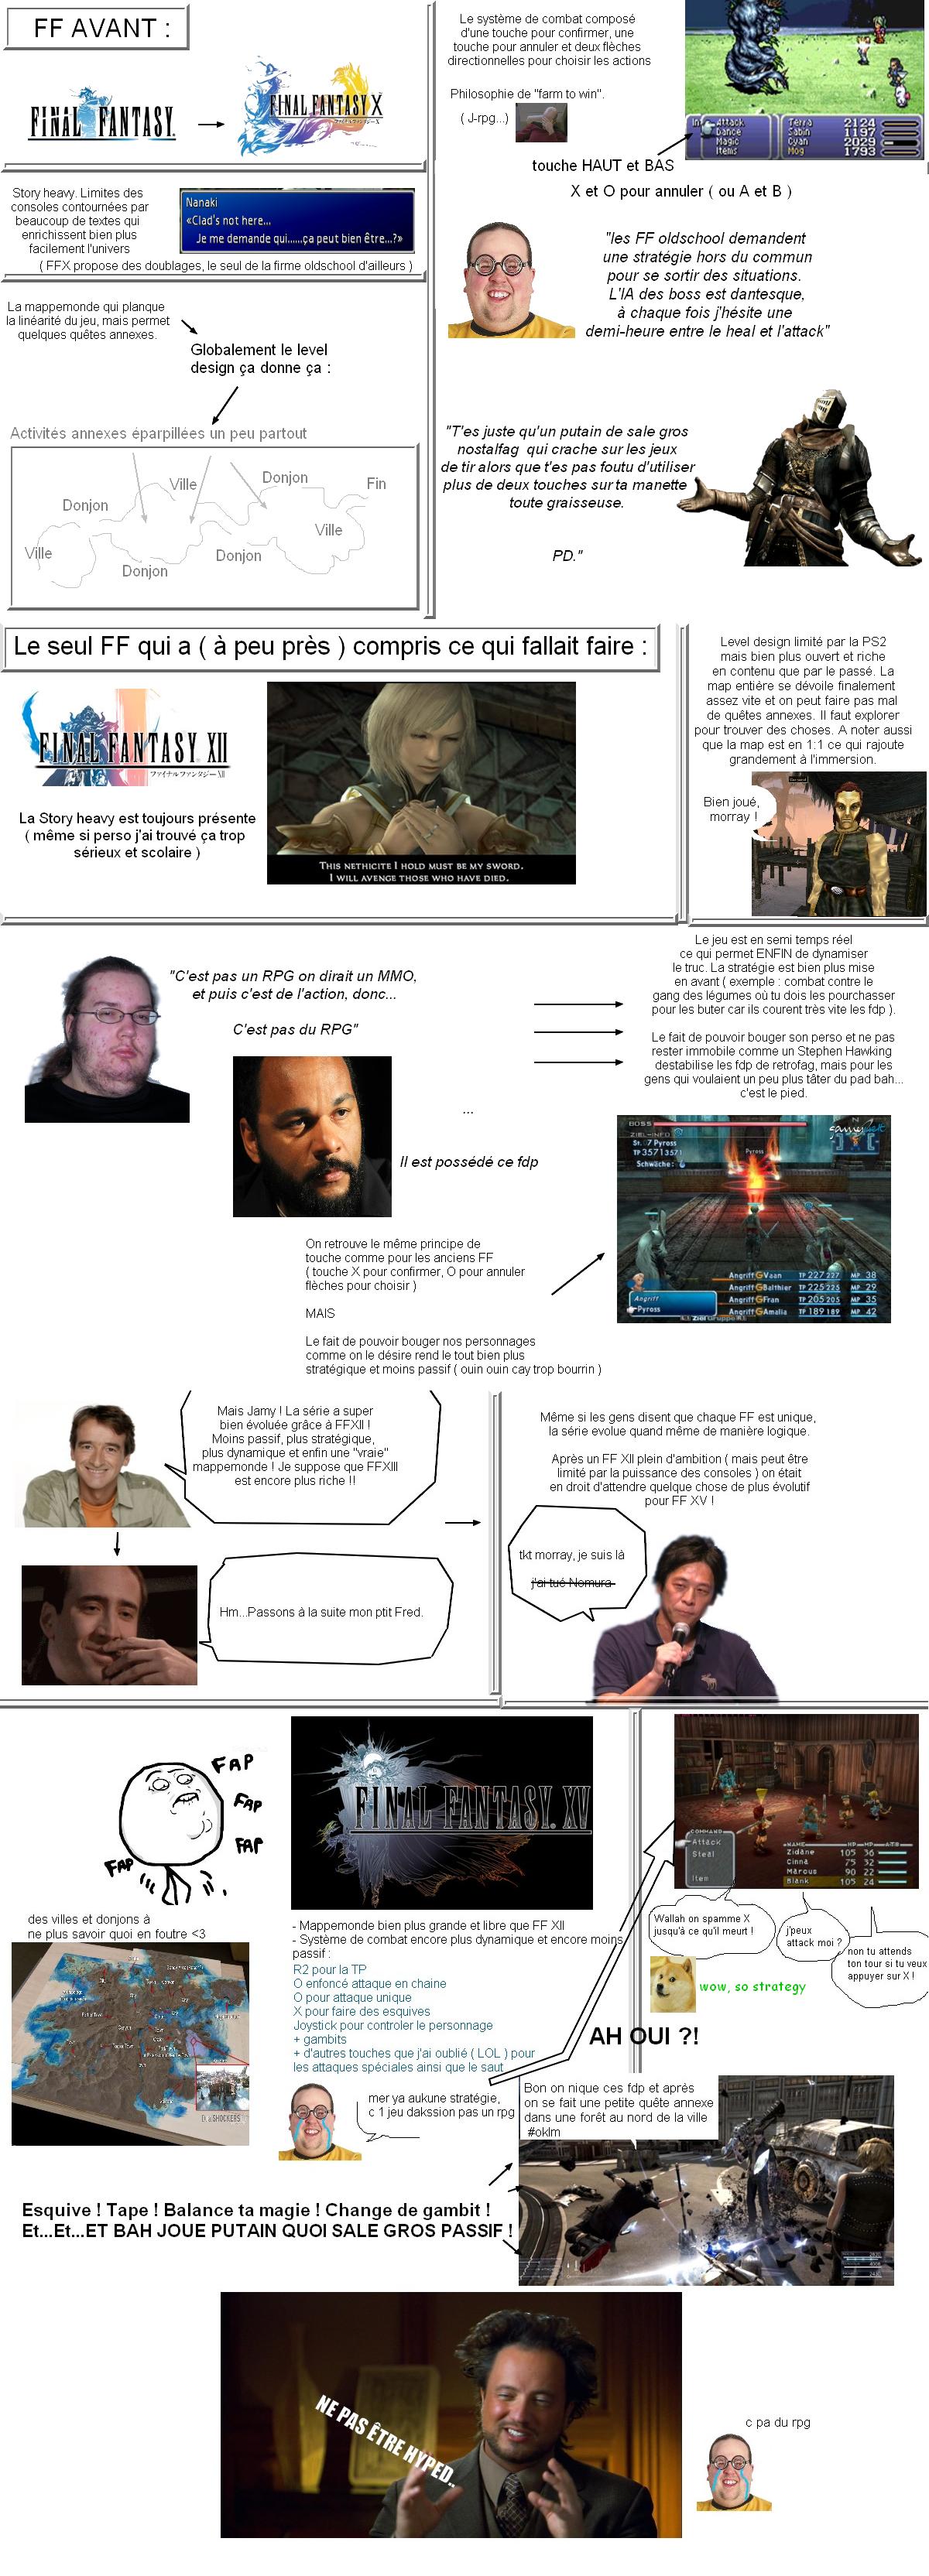 Final Fantasy, les jeux - Page 3 1418640346-lis-ca-et-ferme-la